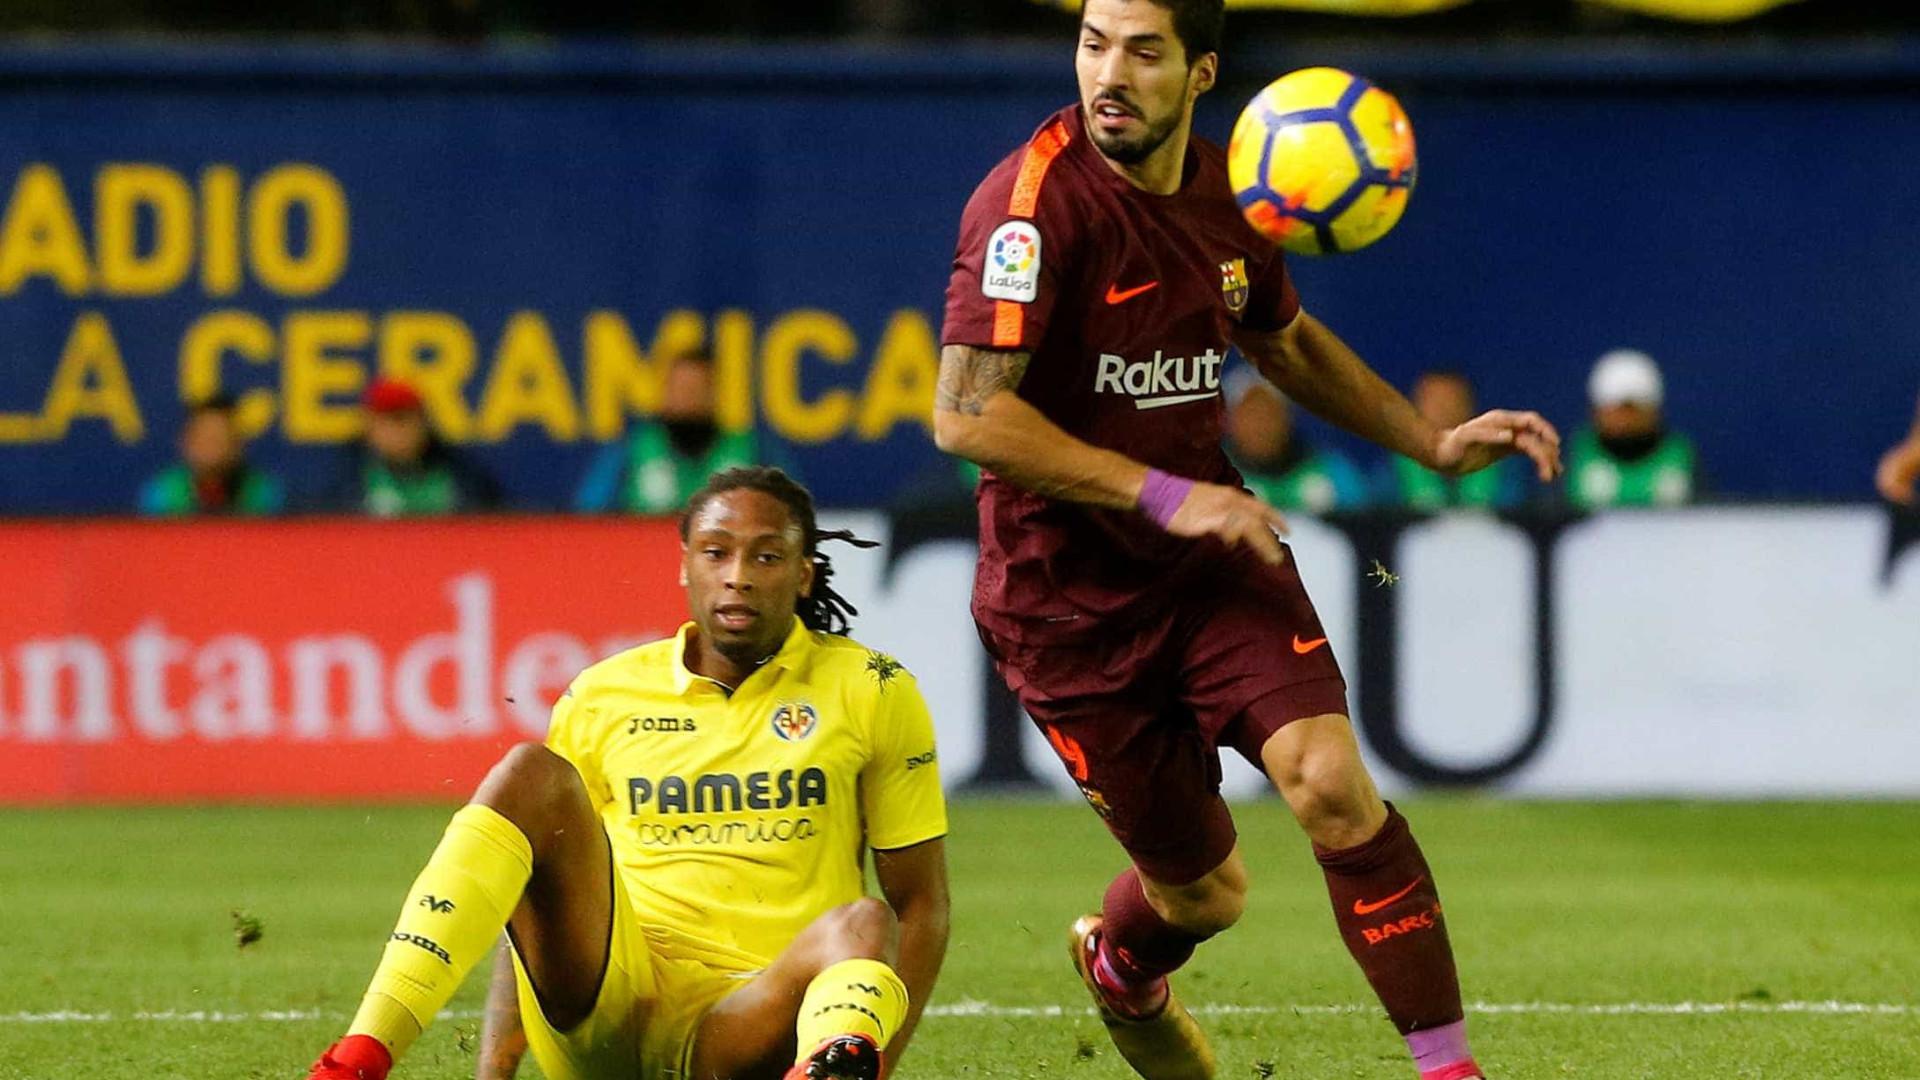 Jogador português é preso pela quarta vez em quatro meses